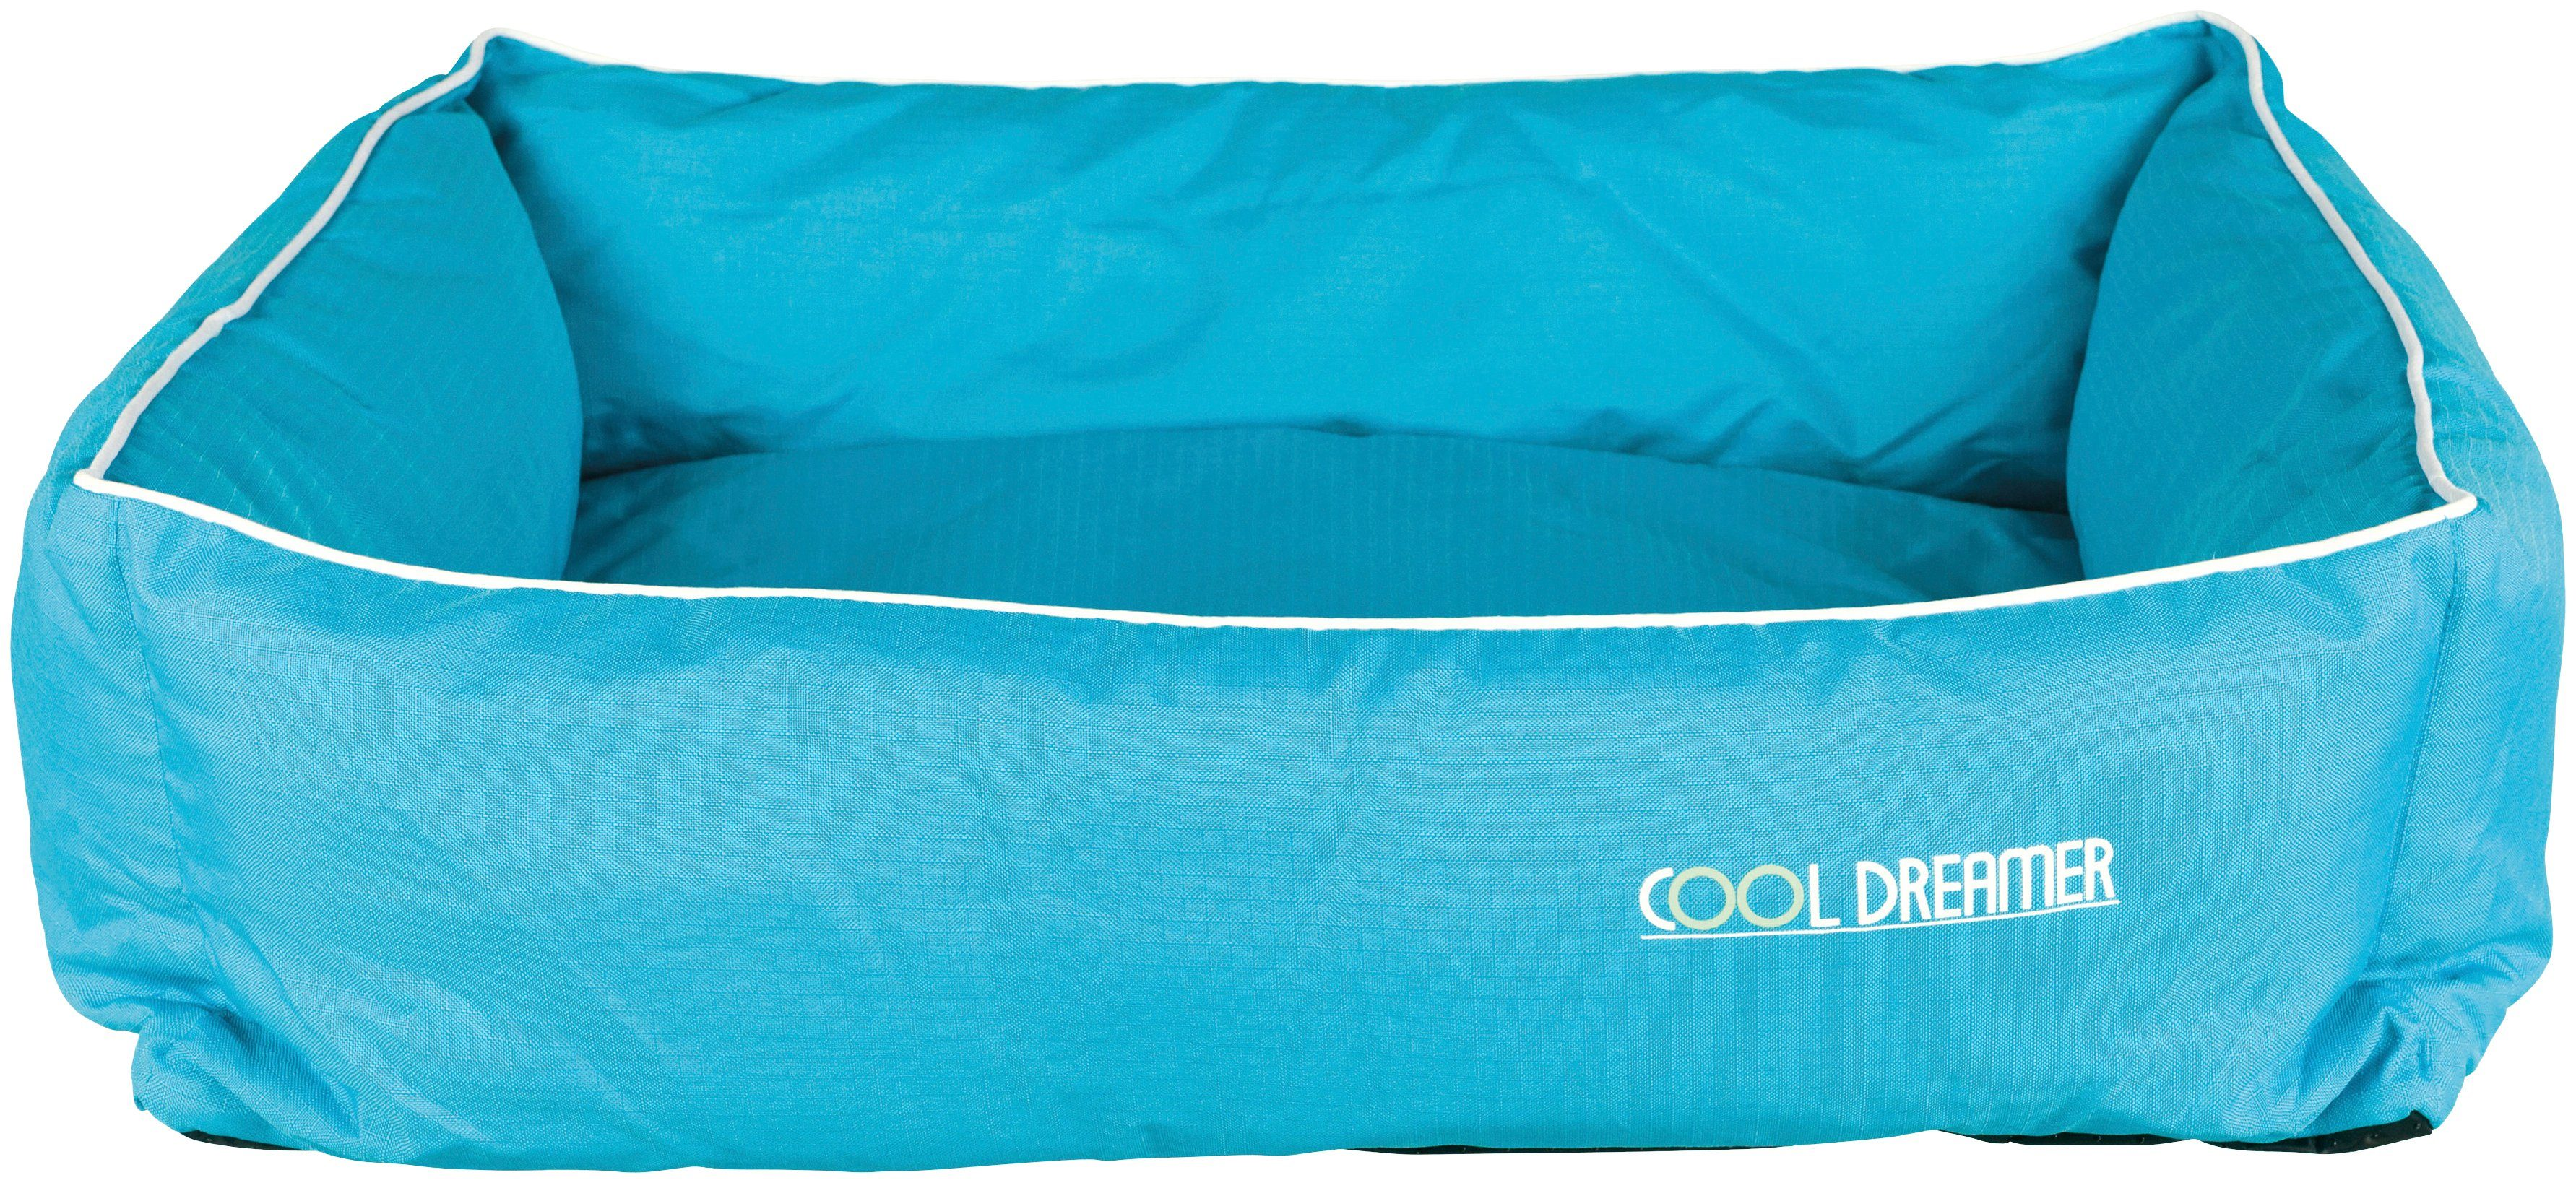 TRIXIE Hundebett »Cool Dreamer«, BxL: 80x65 cm, zum kühlen